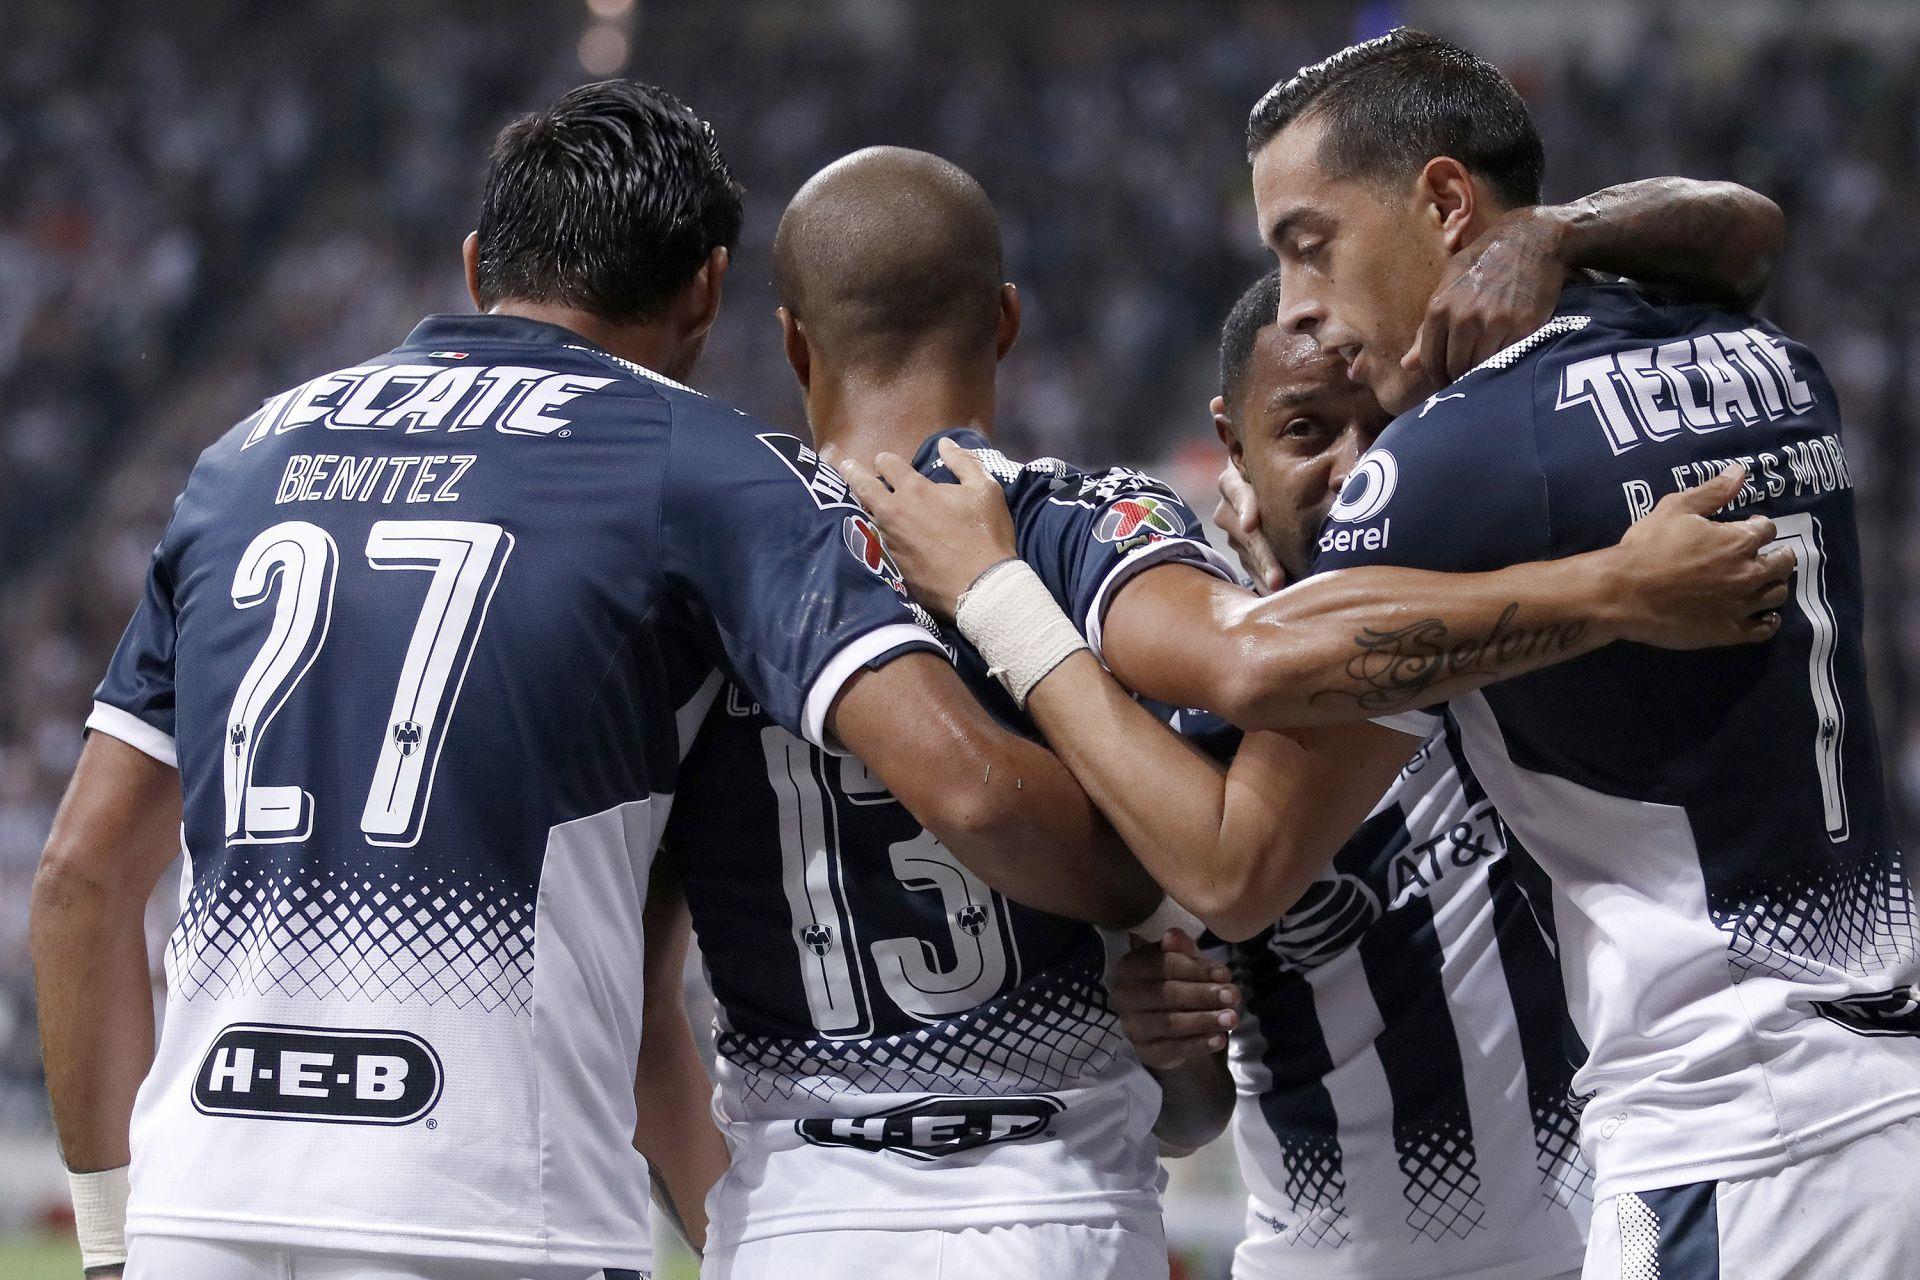 Monterrey-Tigres, final con voces sudamericanas y acento francés